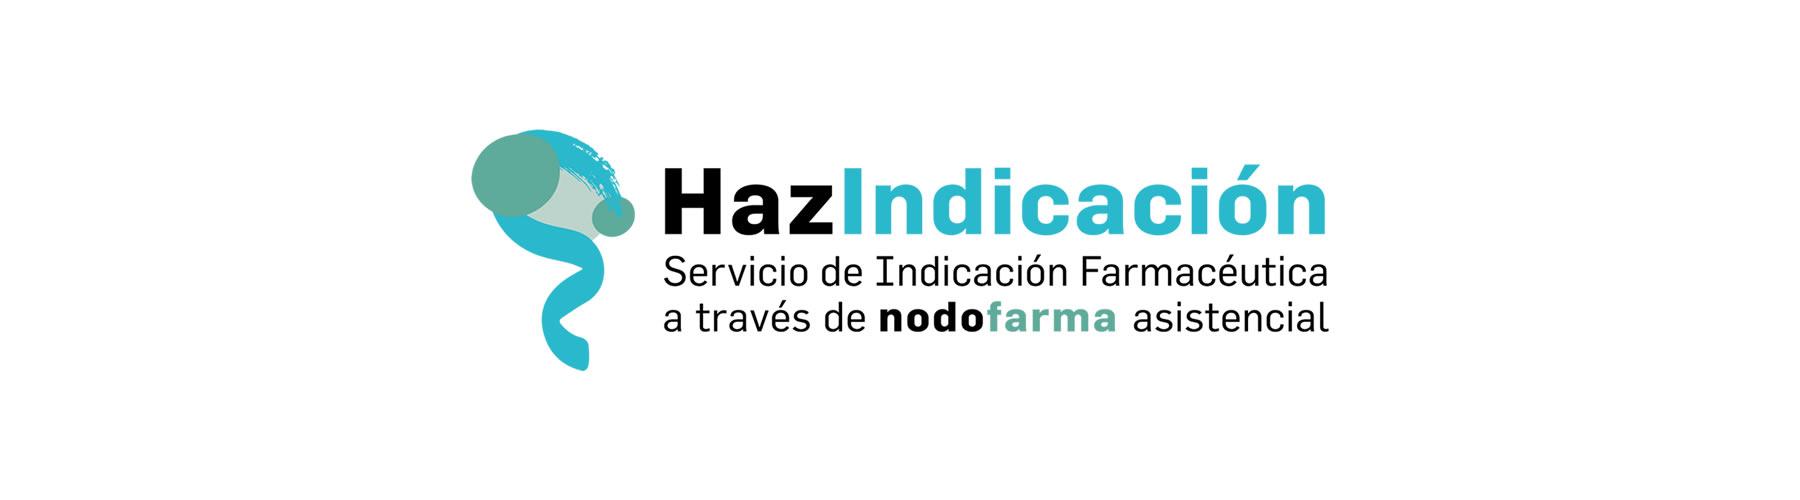 Course Image HazIndicación: Servicio de Indicación Farmacéutica a través de Nodofarma Asistencial